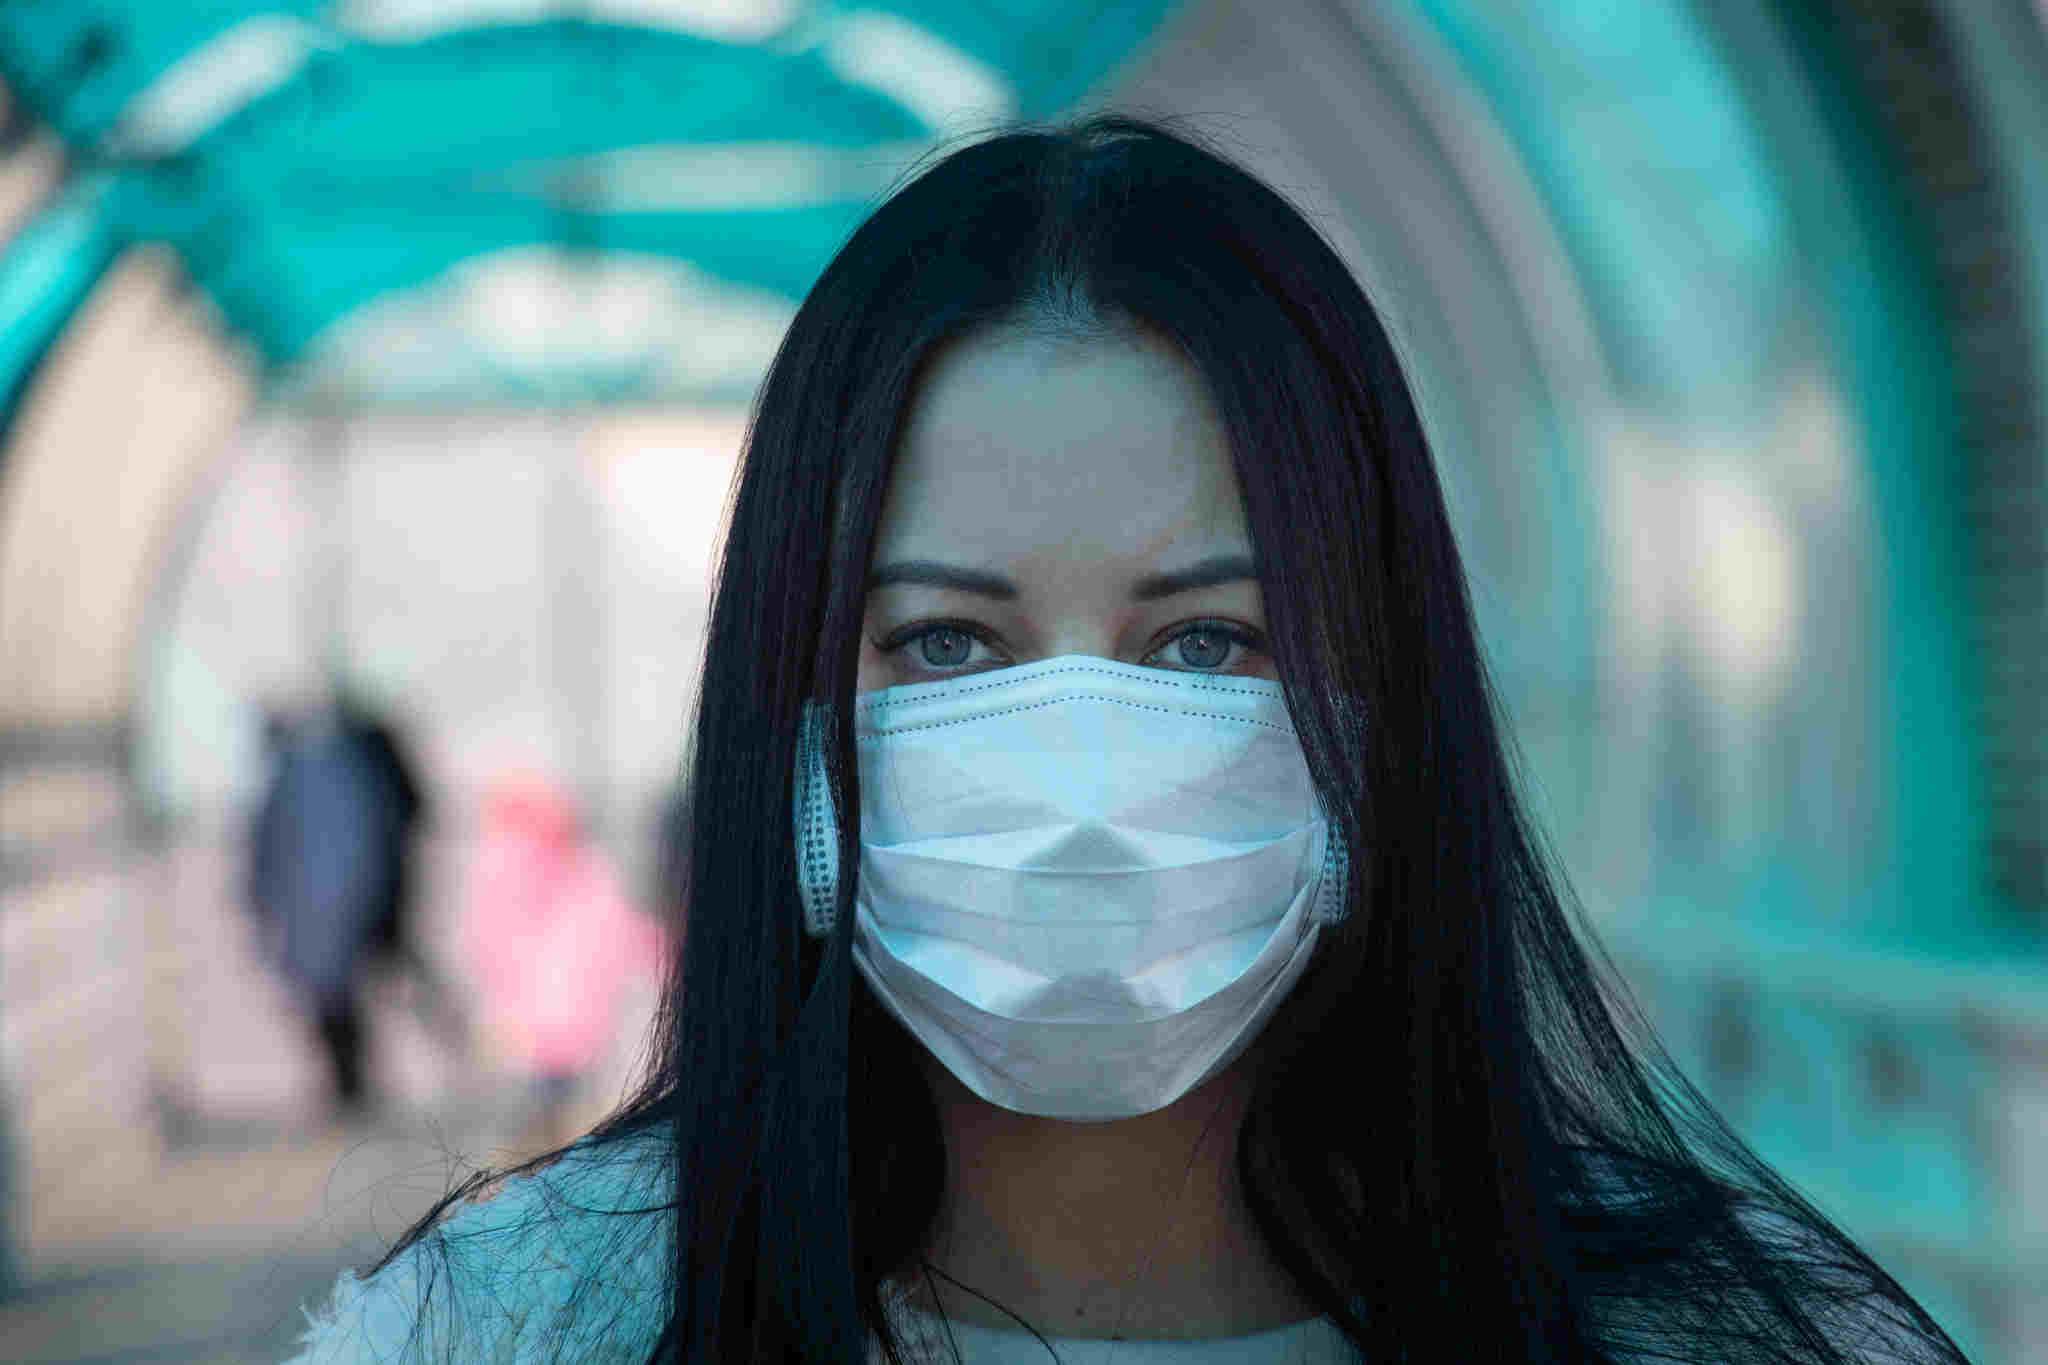 Ministerul Sănătăţii: Masca de protecţie trebuie purtată şi după administrarea celei de-a doua doze de vaccin